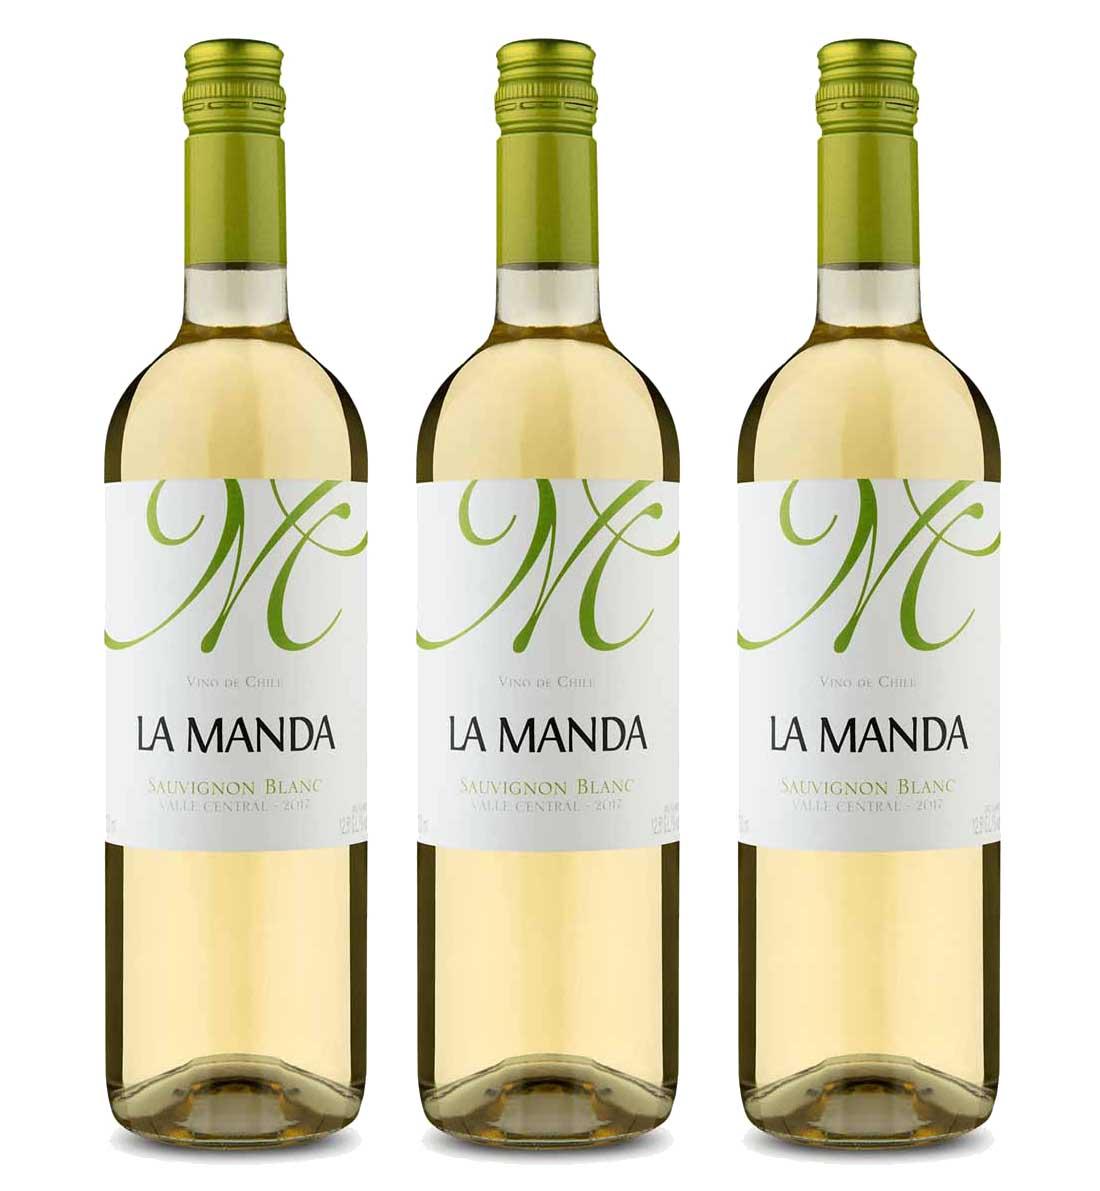 Kit 3x Vinho Branco Chileno La Manda Sauvignon Blanc 2019